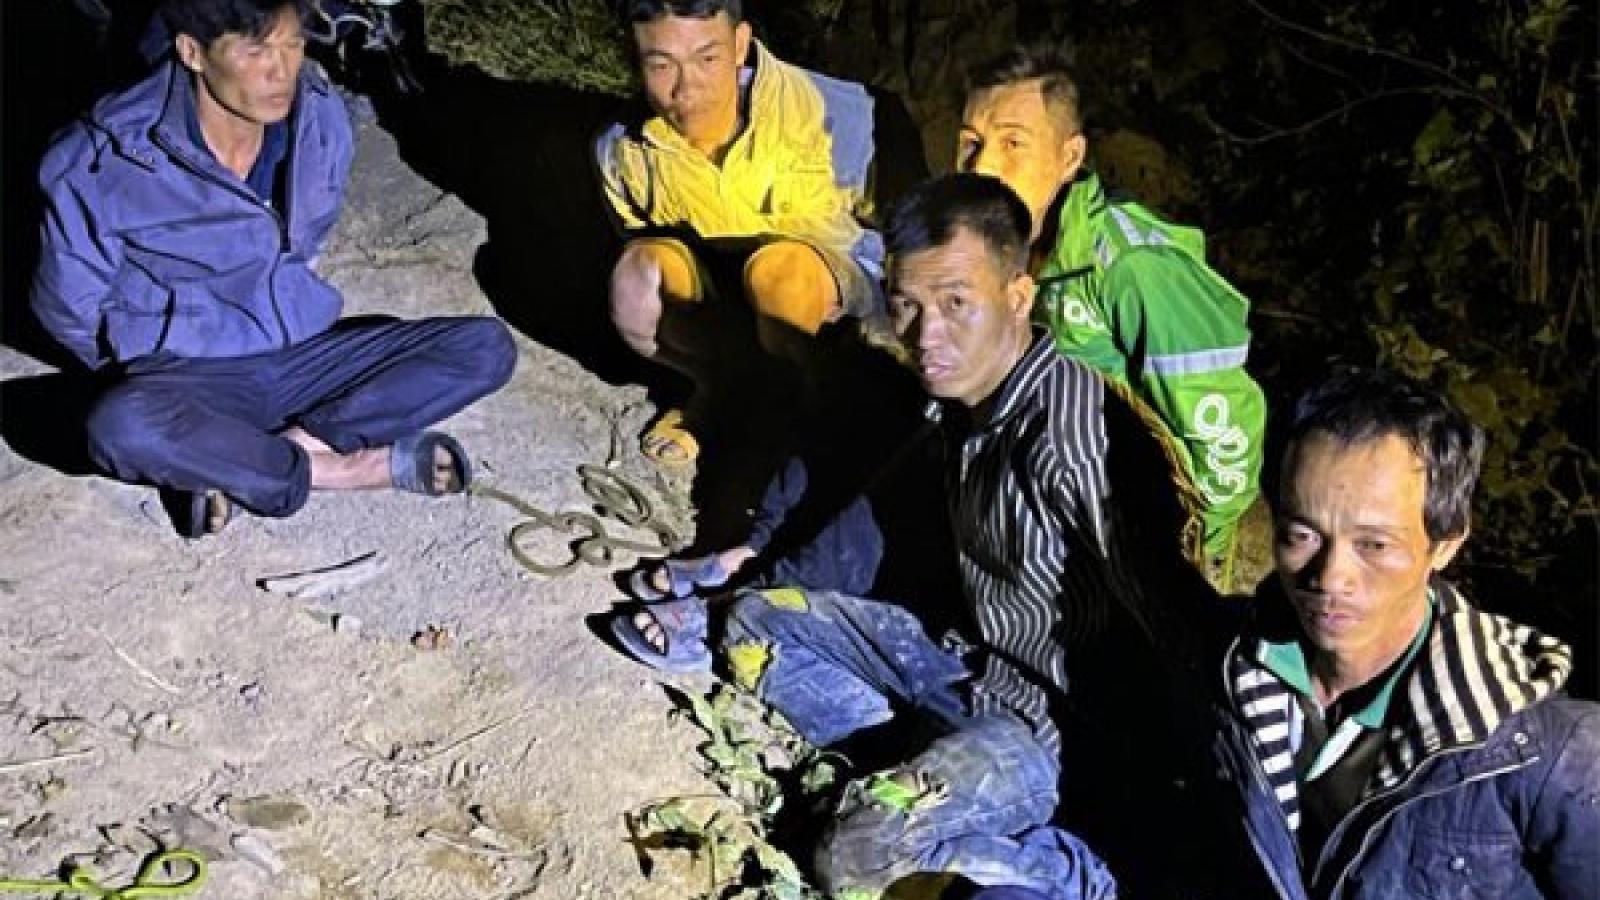 Thêm một vụ phá rừng quy mô lớn tại Krông Bông – Đắk Lắk